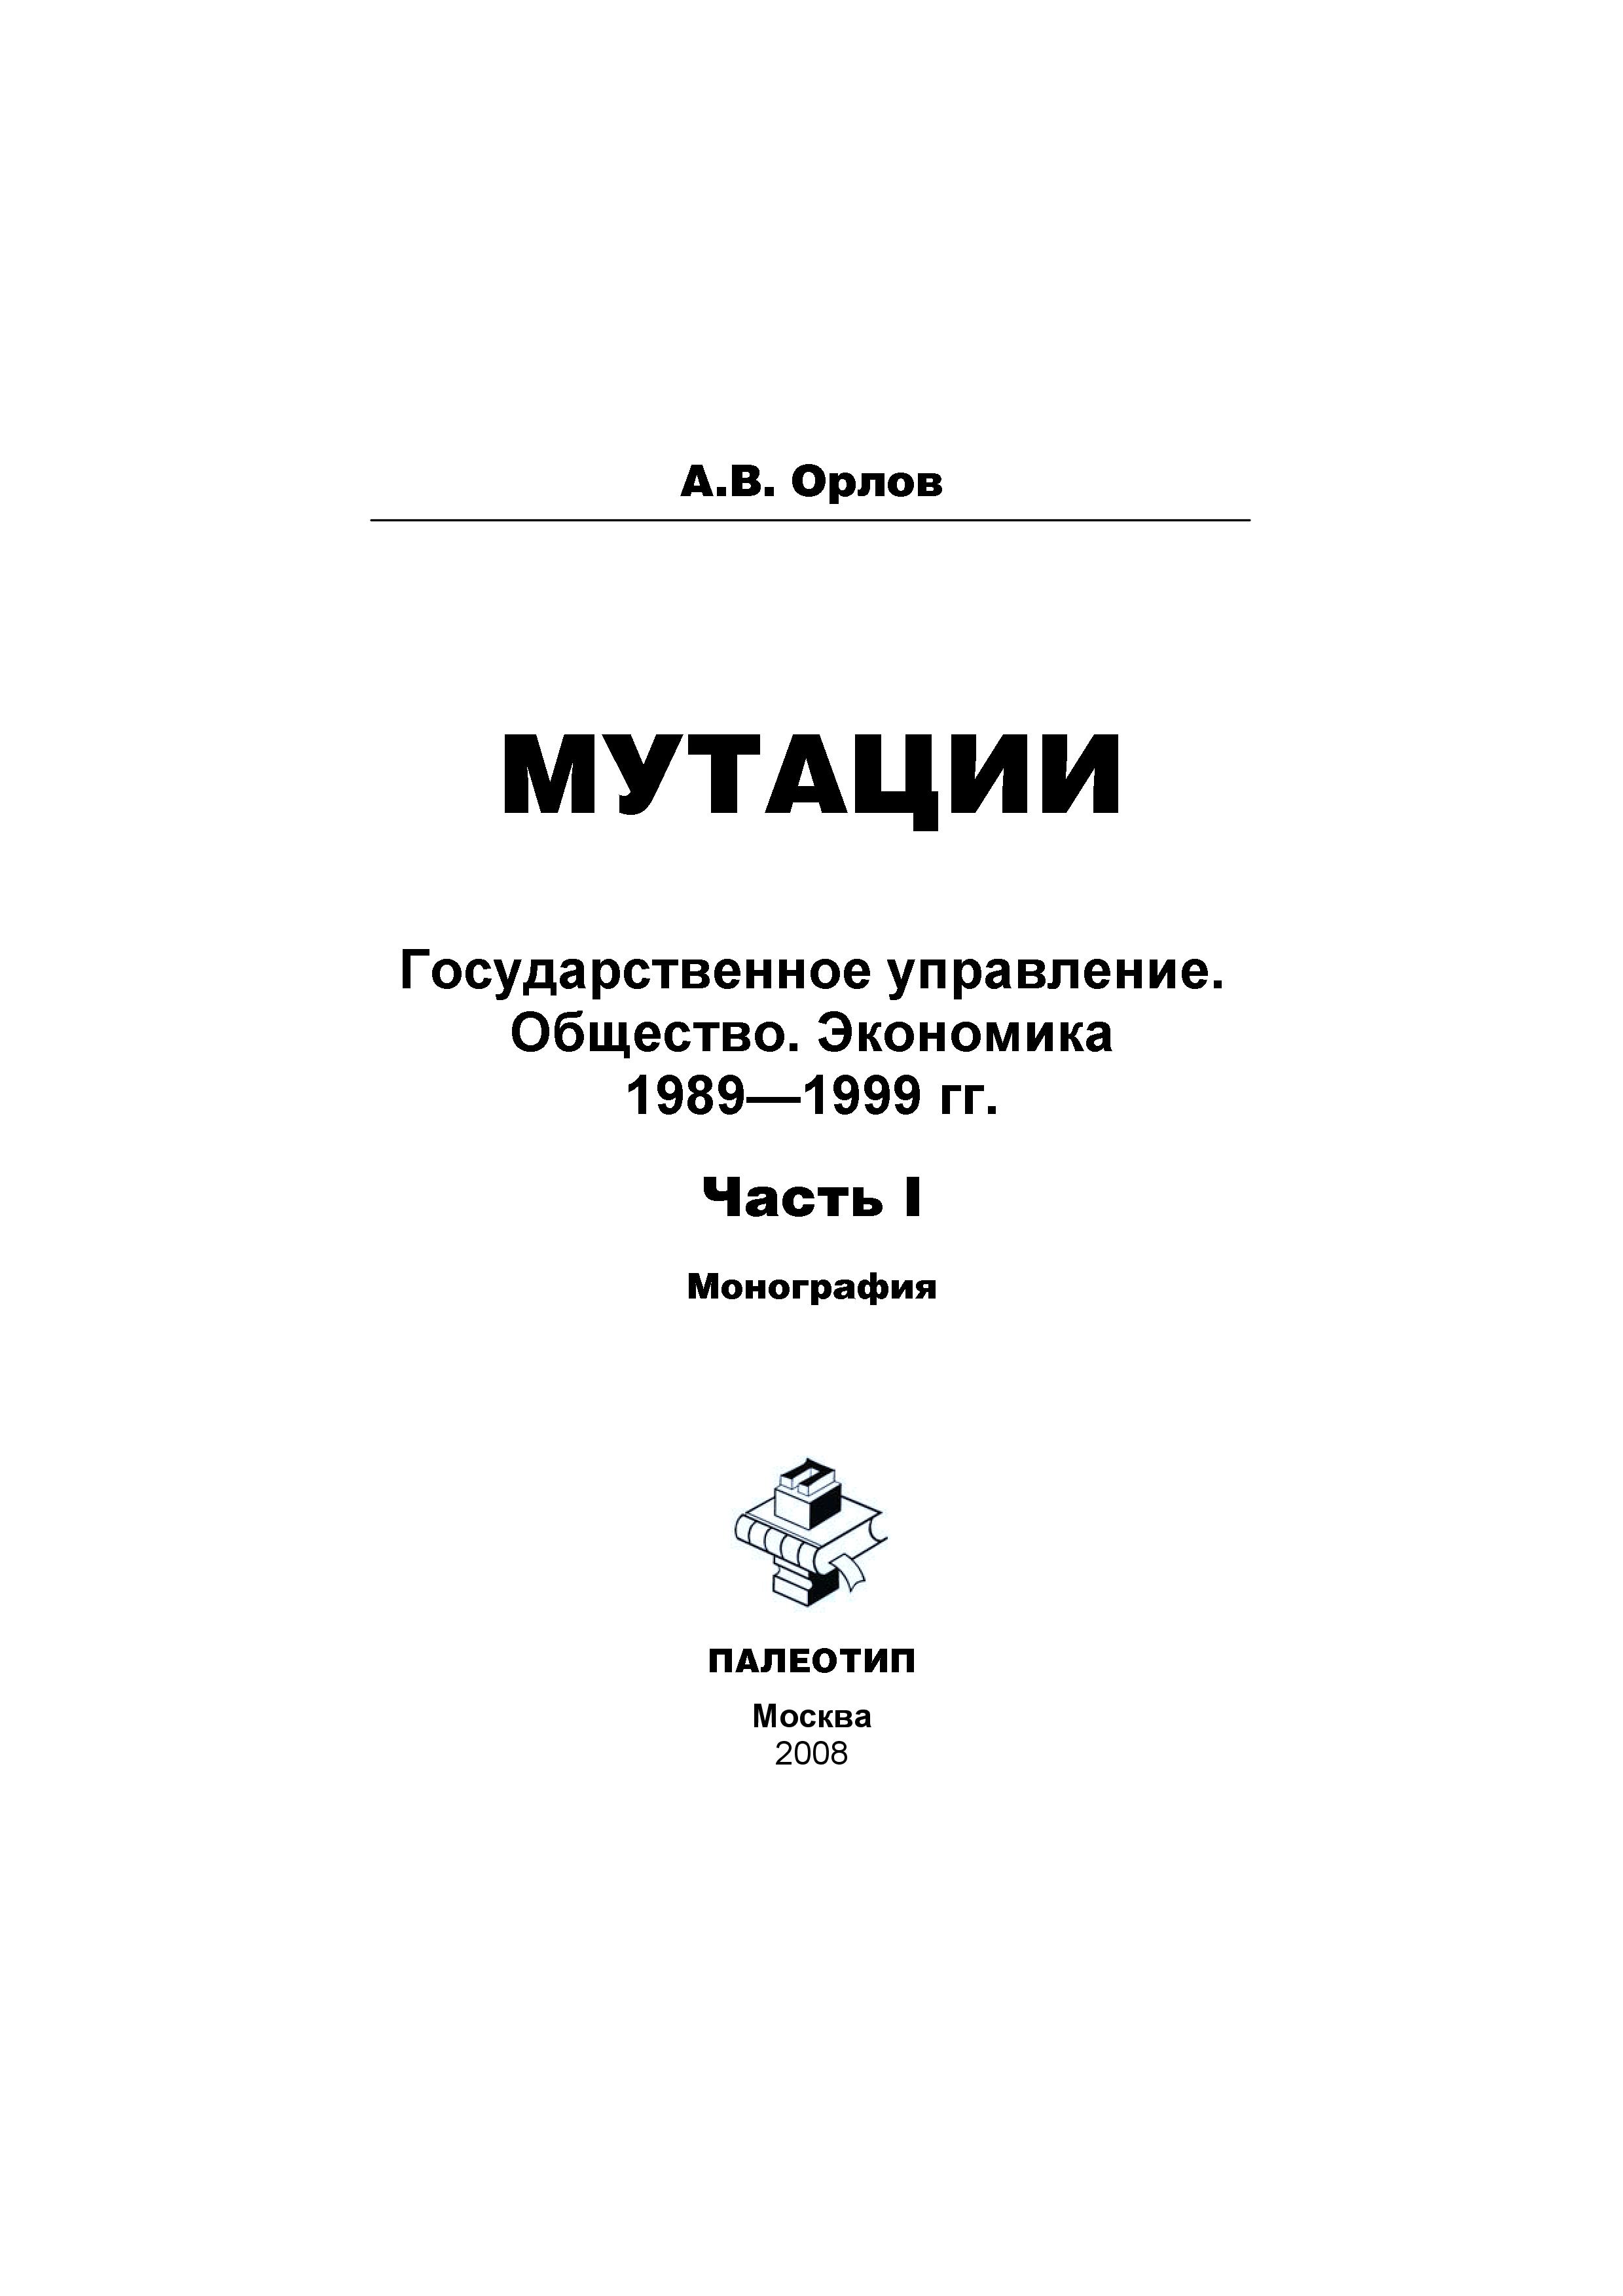 Мутации. Государственное управление. Общество. Экономика. 1989-1999 гг. Часть I